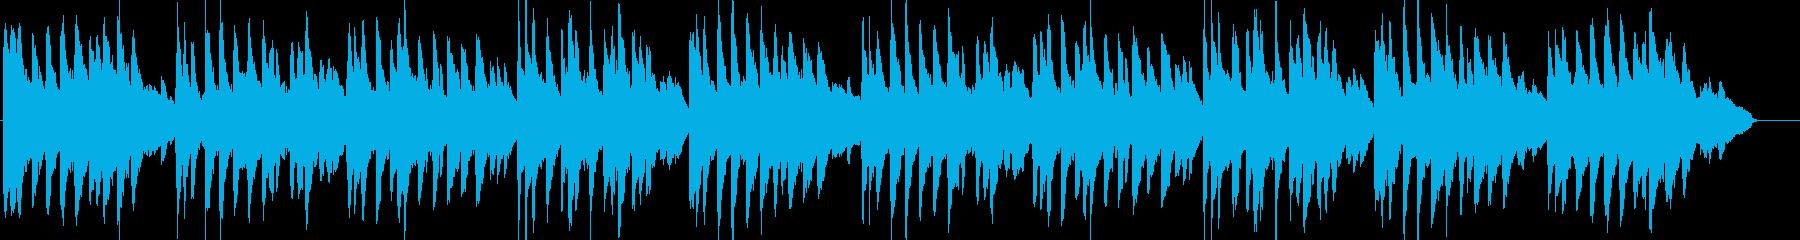 こいのぼり・童謡・春・和風・ピアノの再生済みの波形